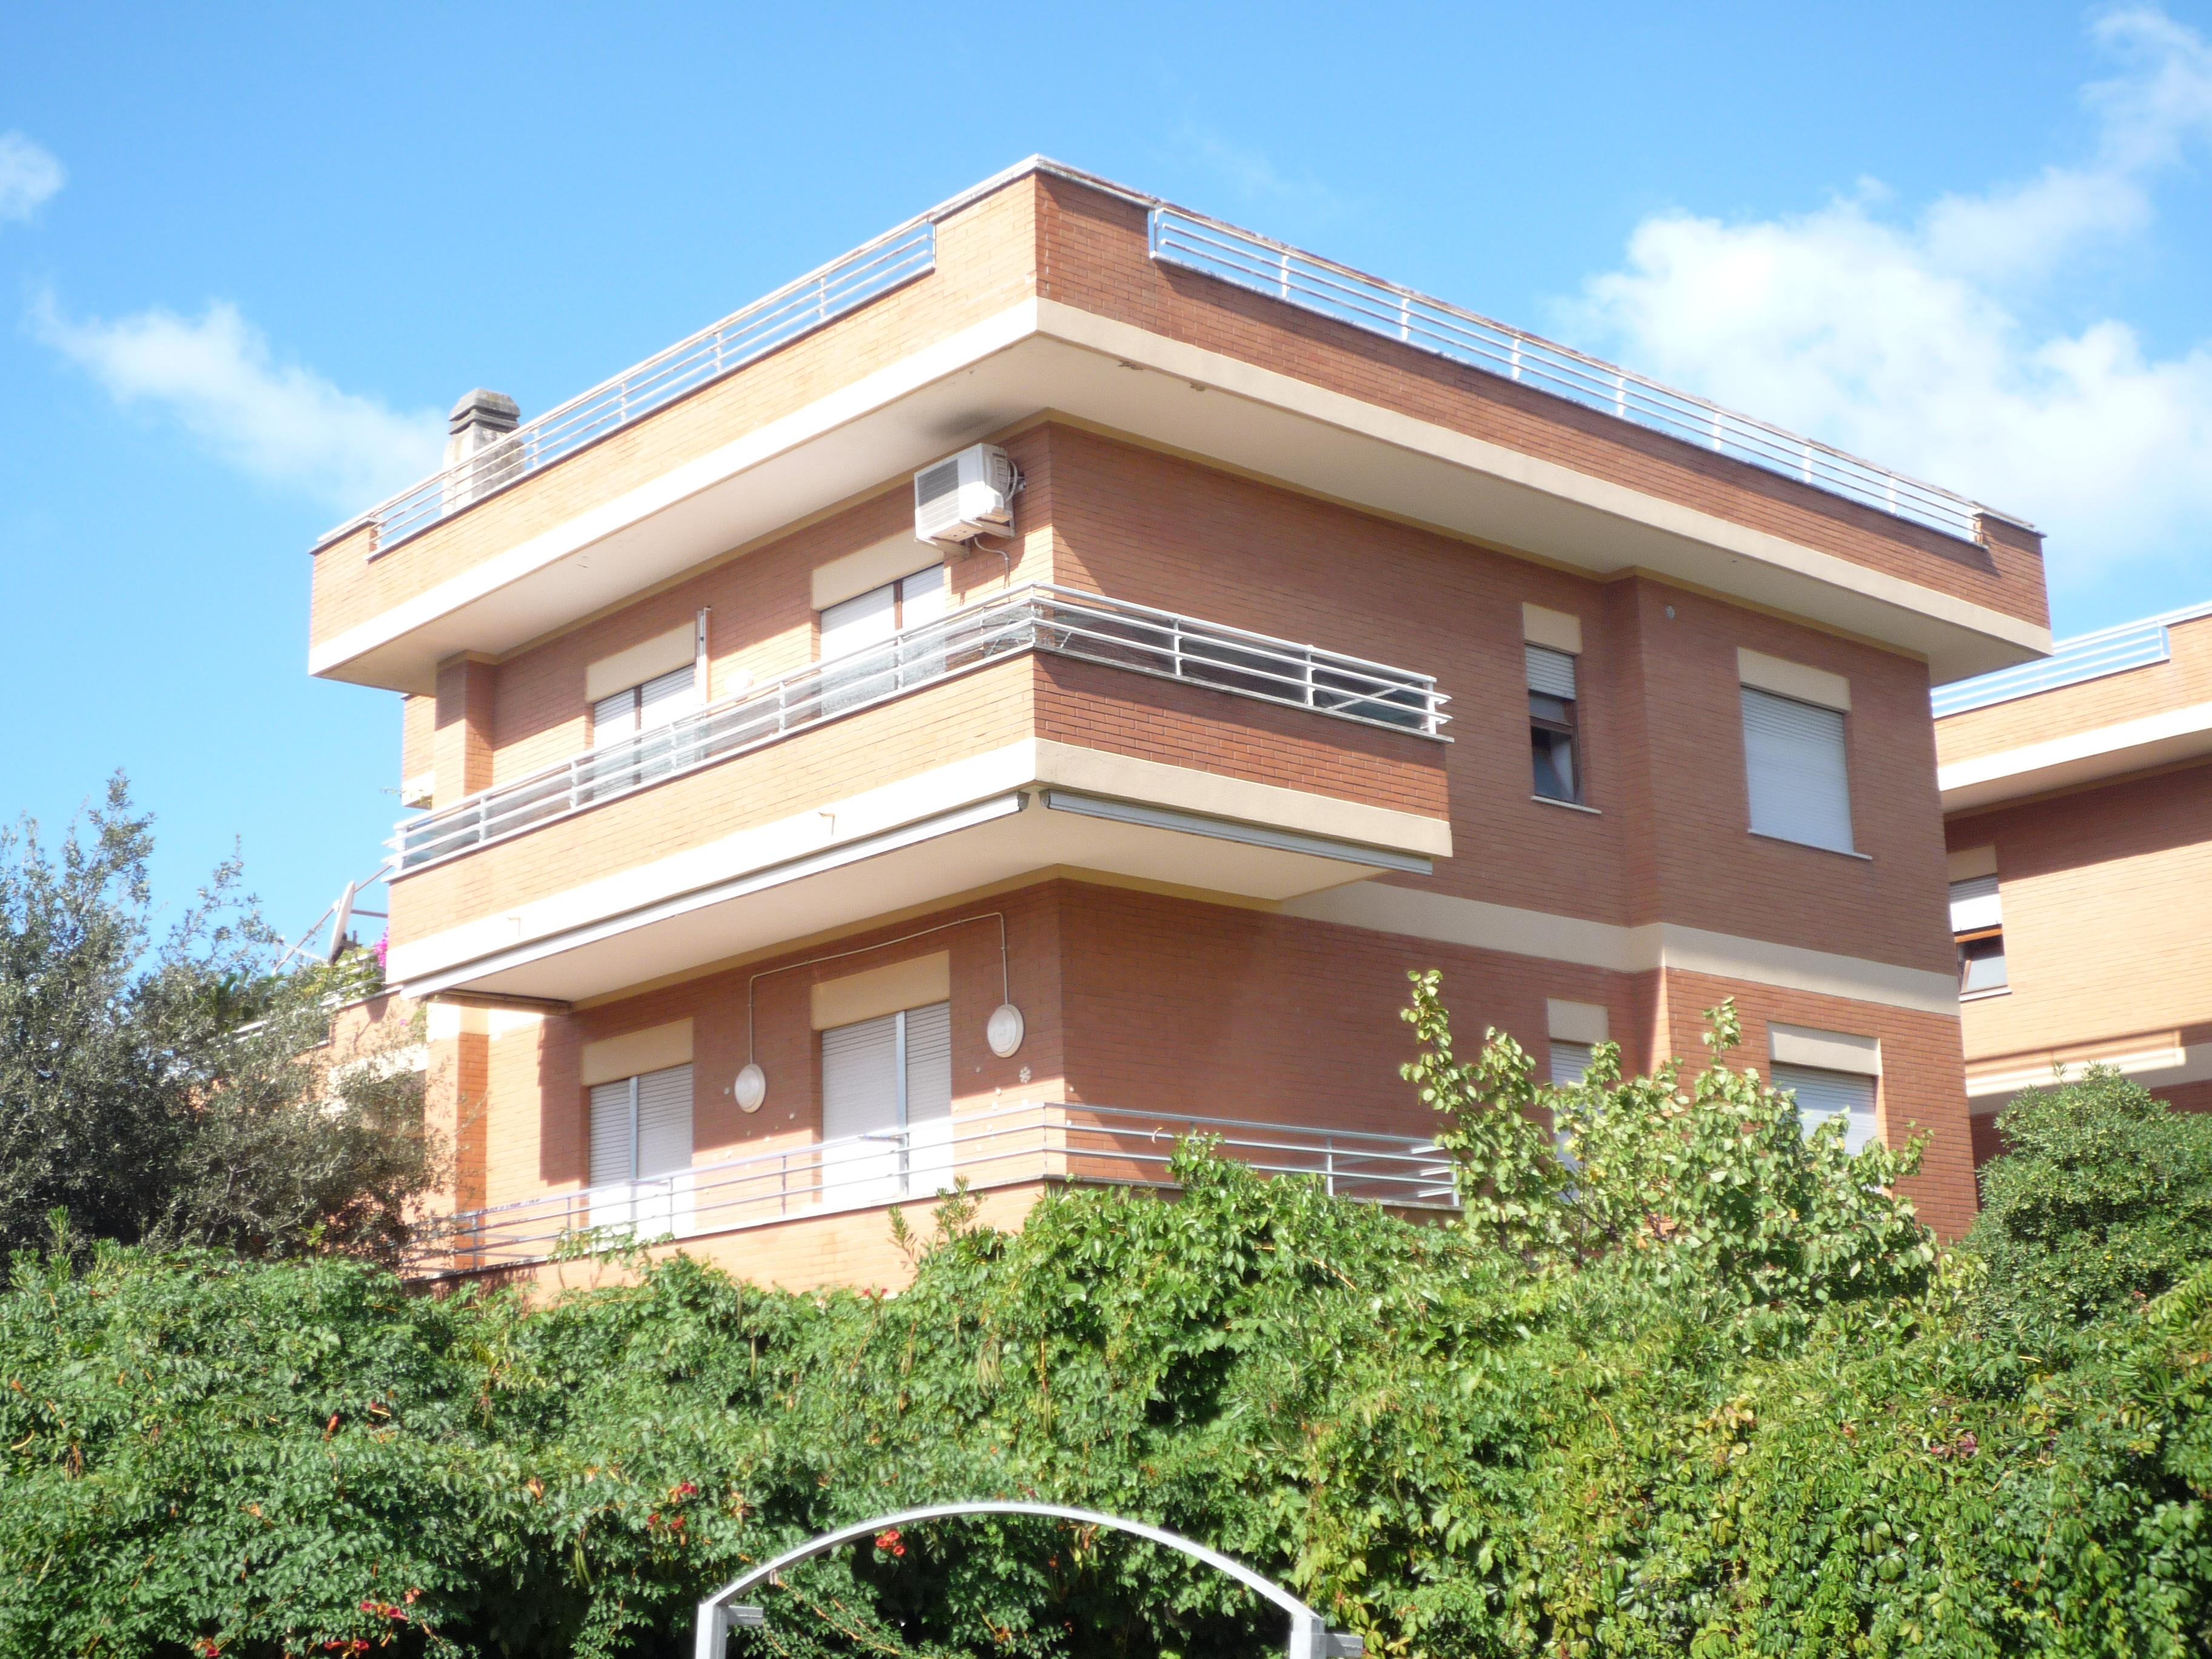 Vicinissimo al mare appartamento primo piano anzio casa for Casa al secondo piano